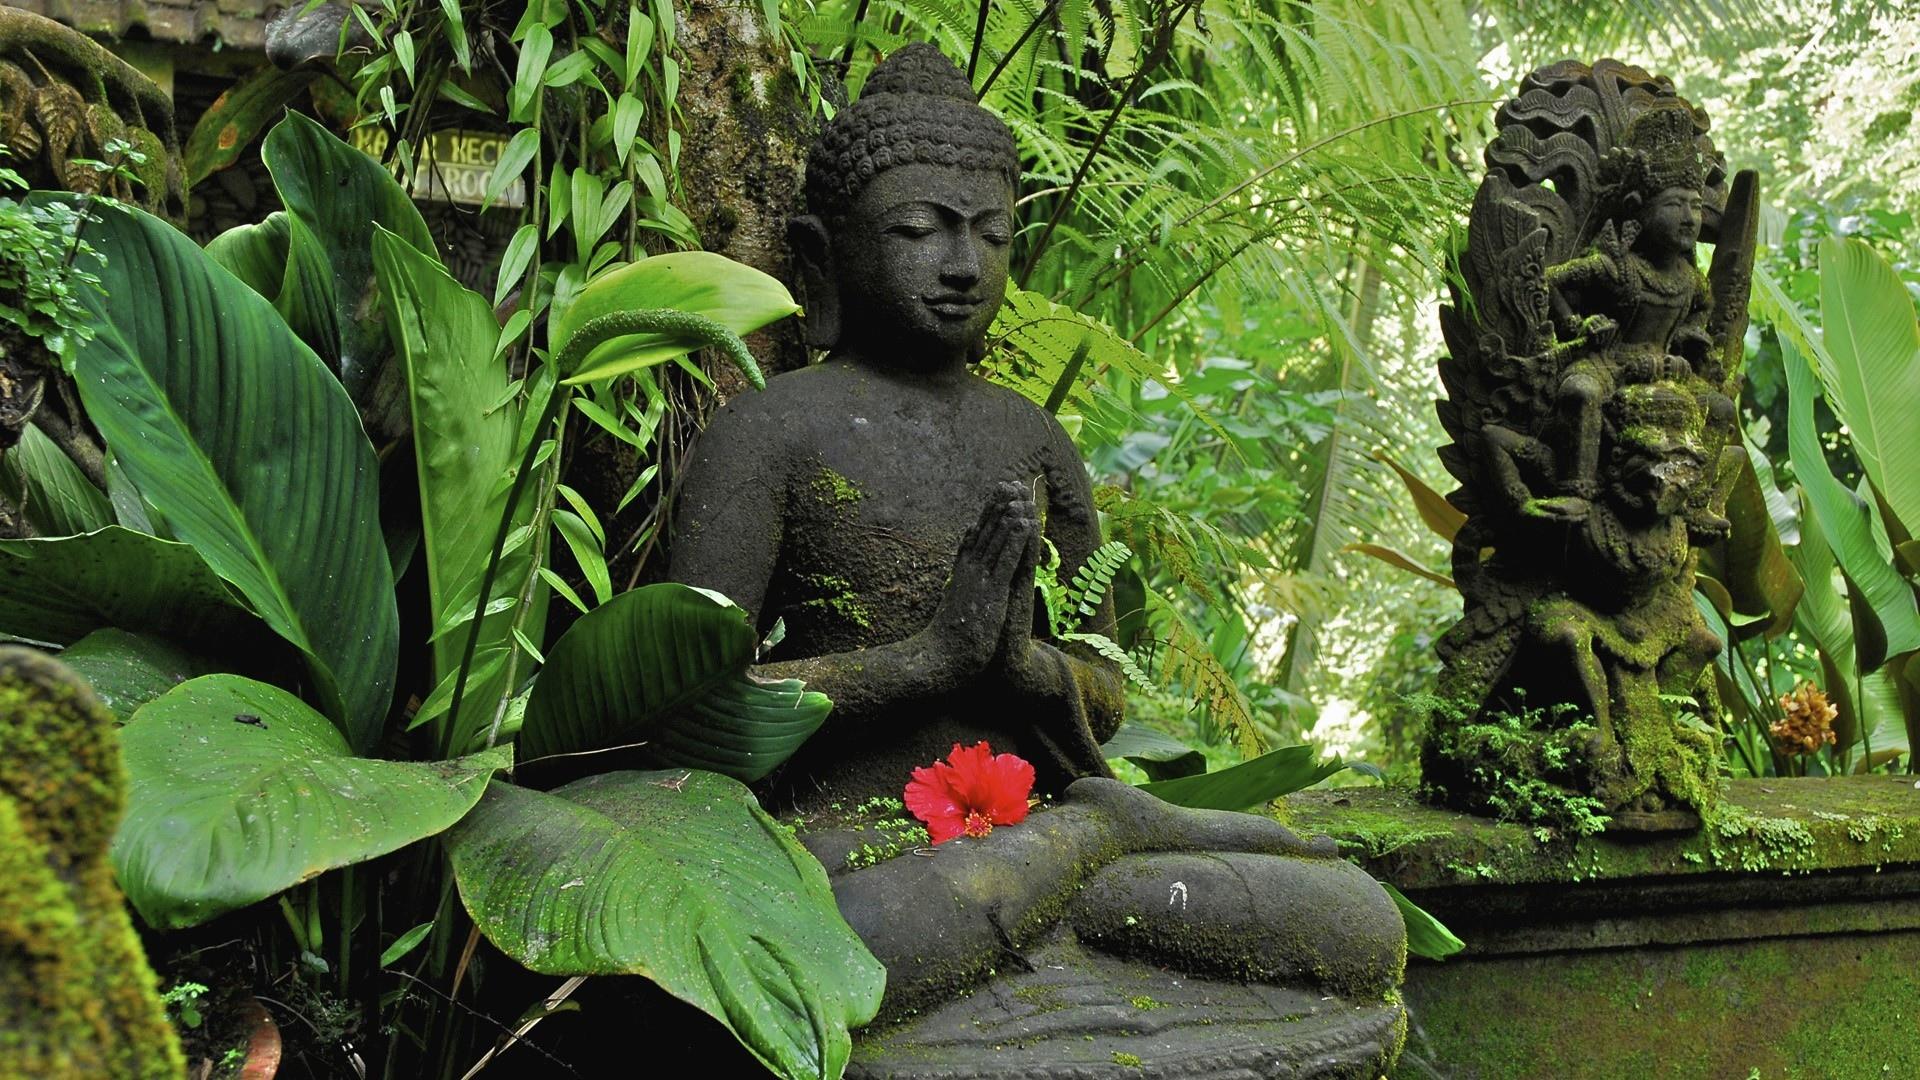 Fondos De Pantalla De Buda Y El Budismo  Wallpapers Hd Gratis